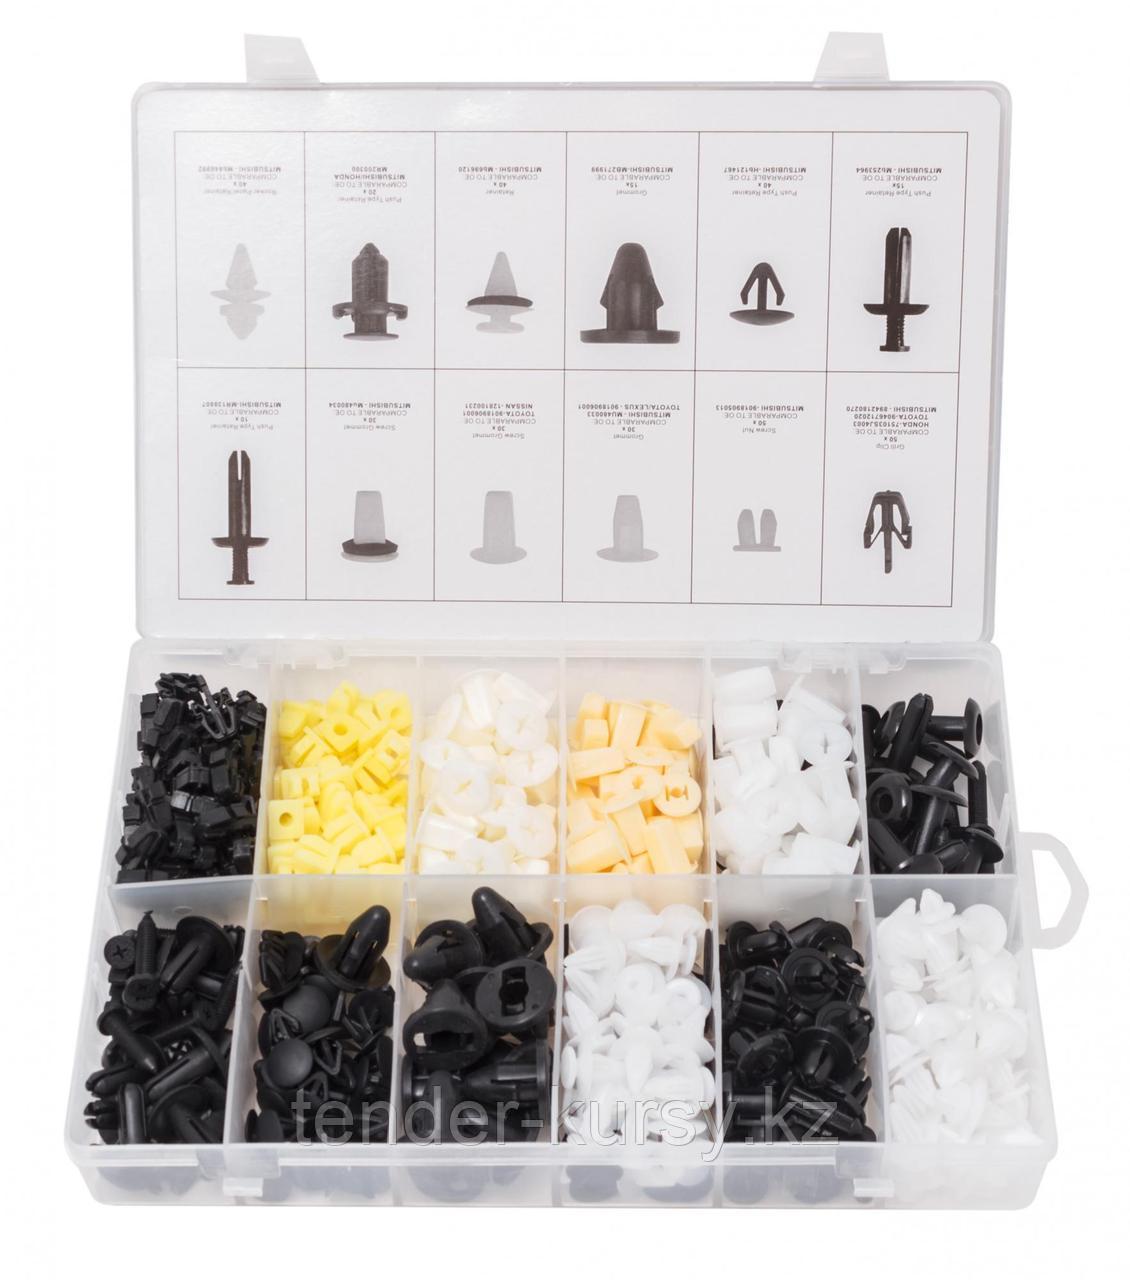 Forsage Набор клипс 370 предметов (MITSUBSHI), пластиковом органайзере Forsage F-01Z0228 5006